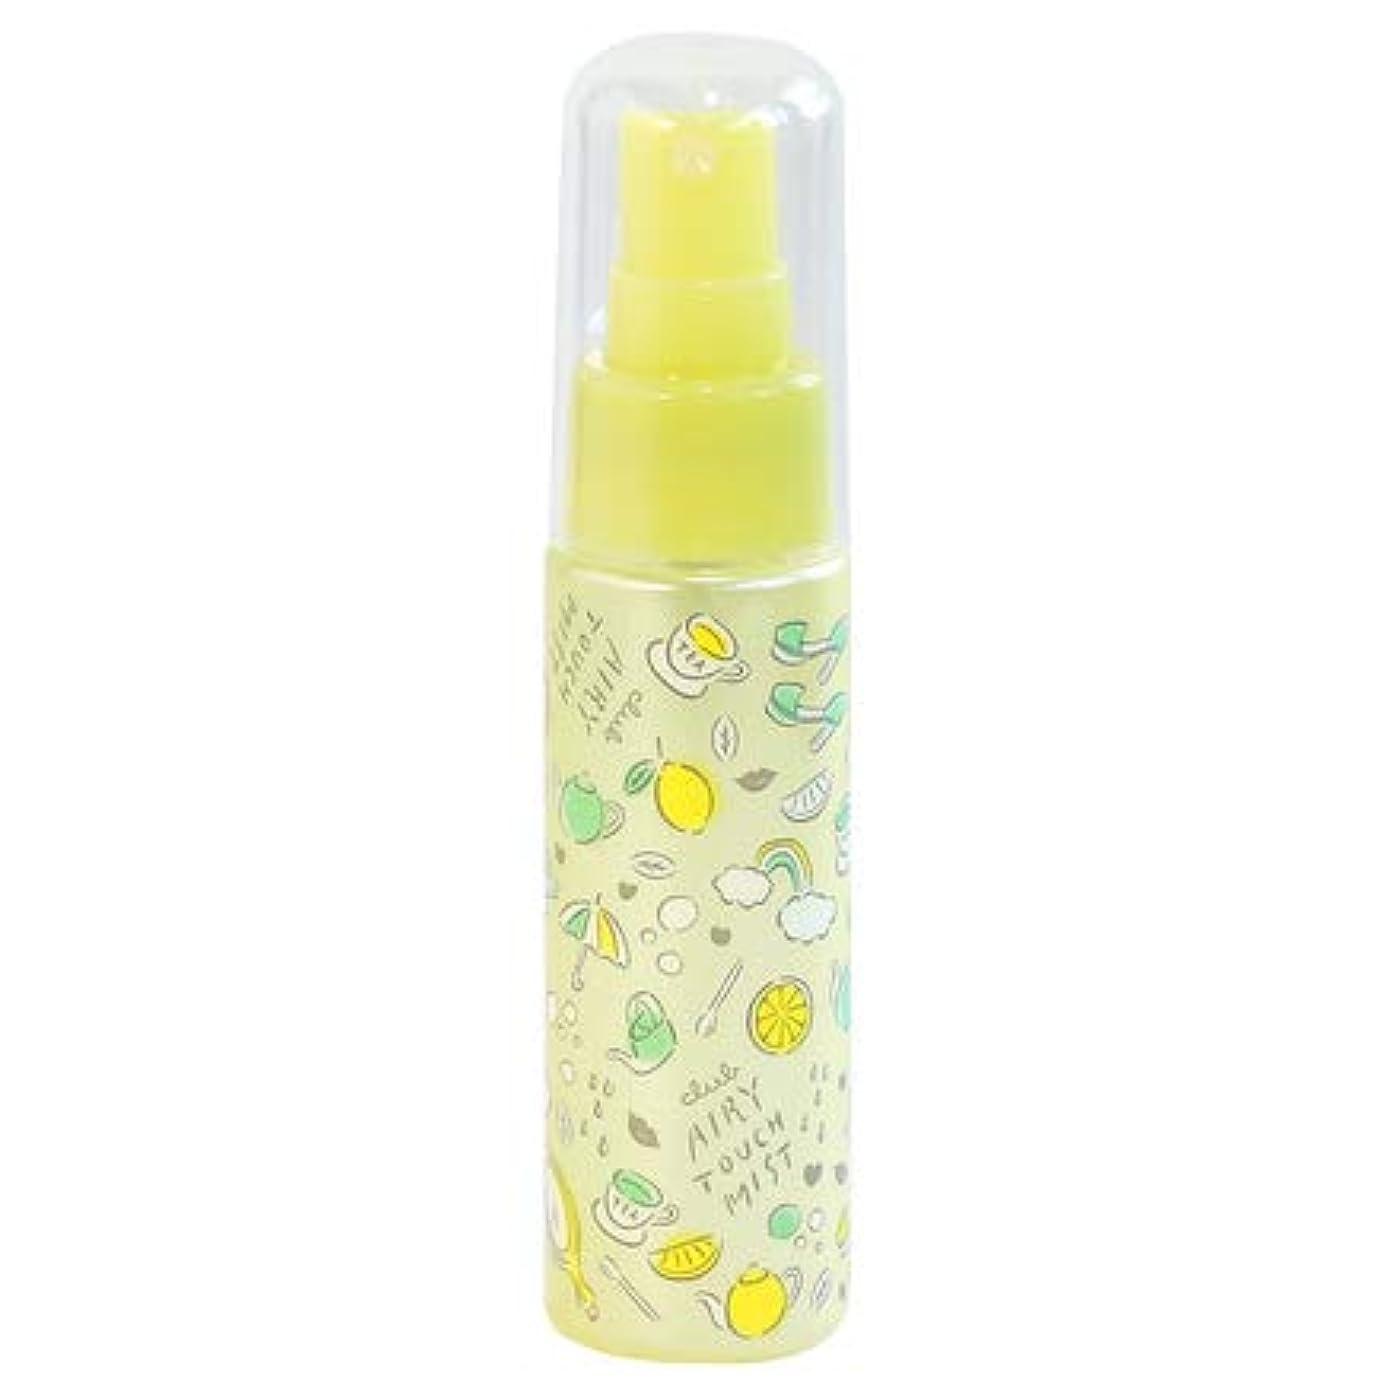 明示的に必要更新するクラブ エアリータッチミスト レモンリーフティーの香り_50ml_化粧水